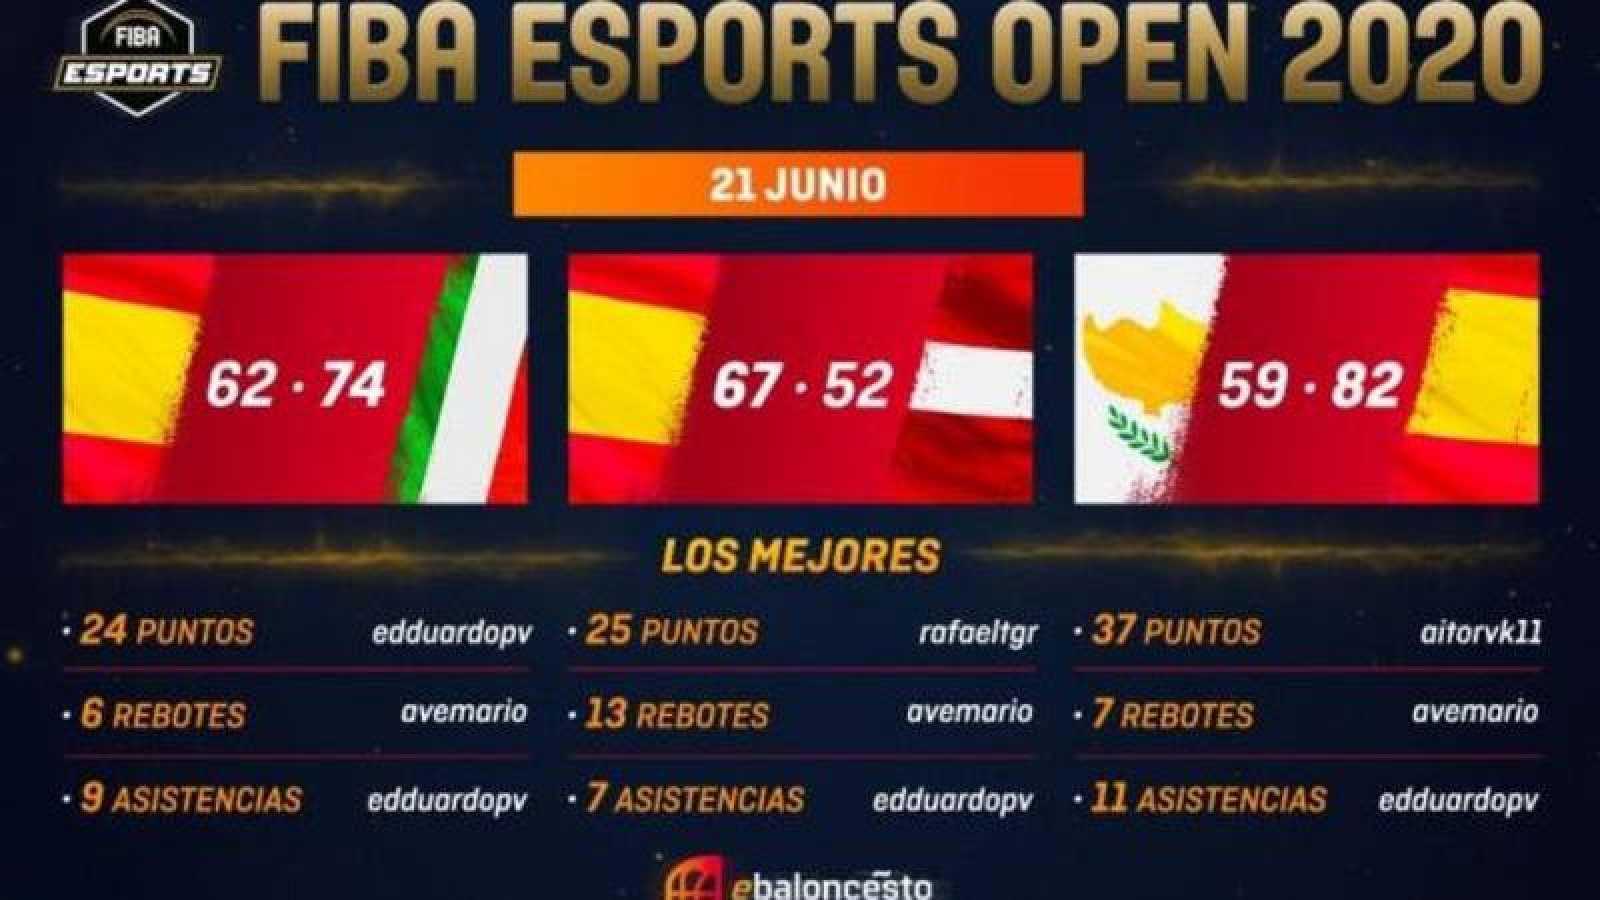 Imagen del torneo de exhibición FIBA eSports Open 2020